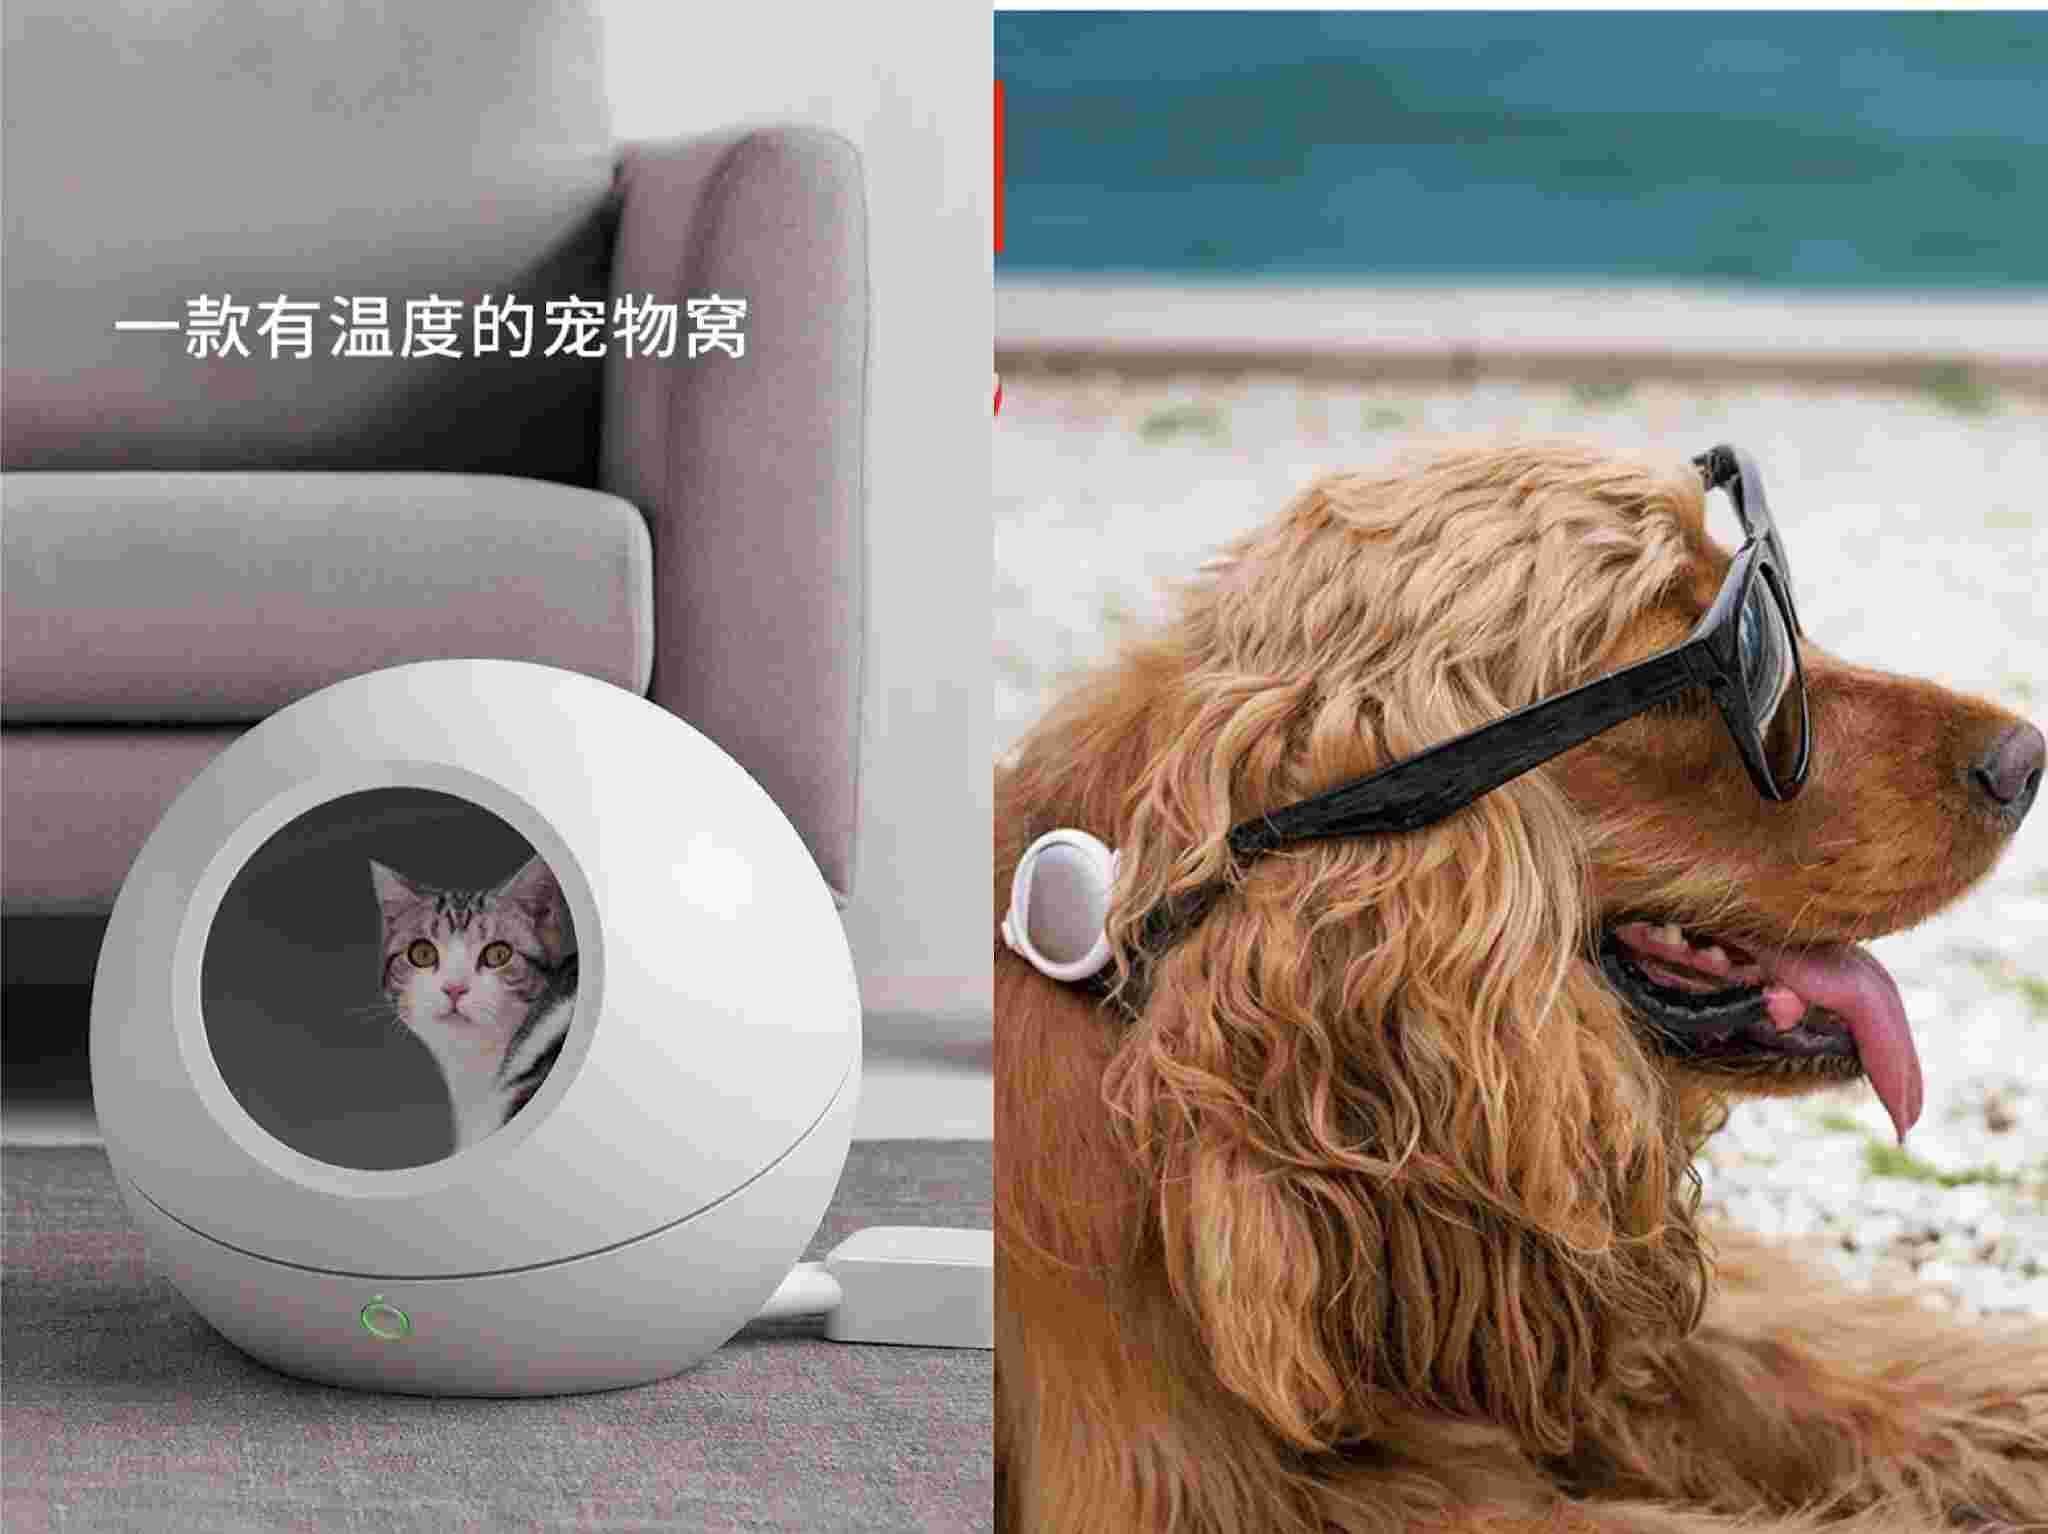 图片来源/小佩宠物用品旗舰店截图